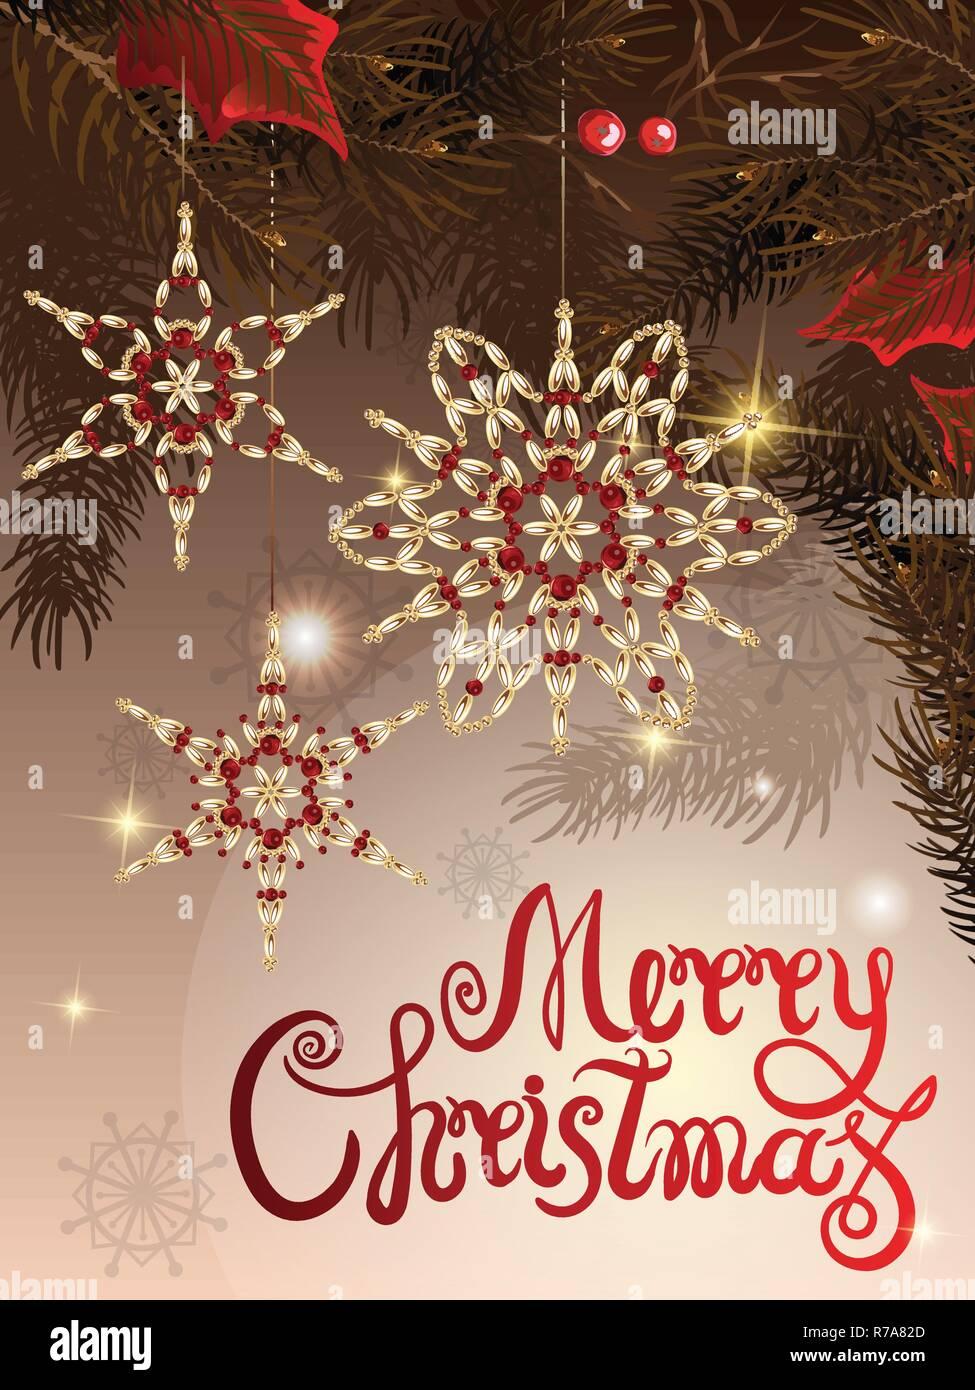 Immagini Con Scritte Di Buon Natale.Illustrazione Vettoriale Di Saluto Modello Di Pagina Di